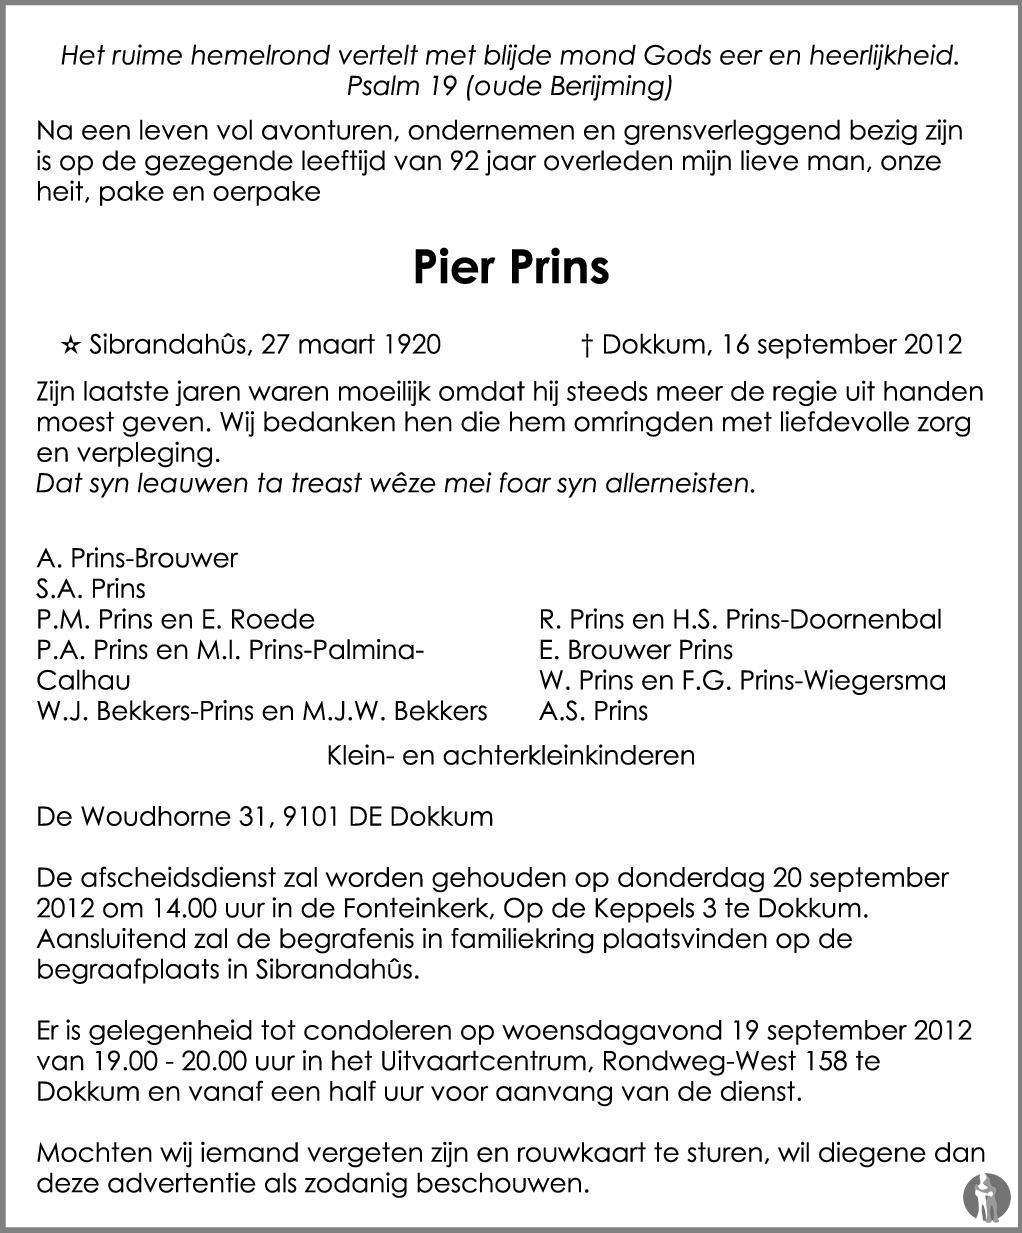 Overlijdensbericht van Pier Prins in Dockumer Courant